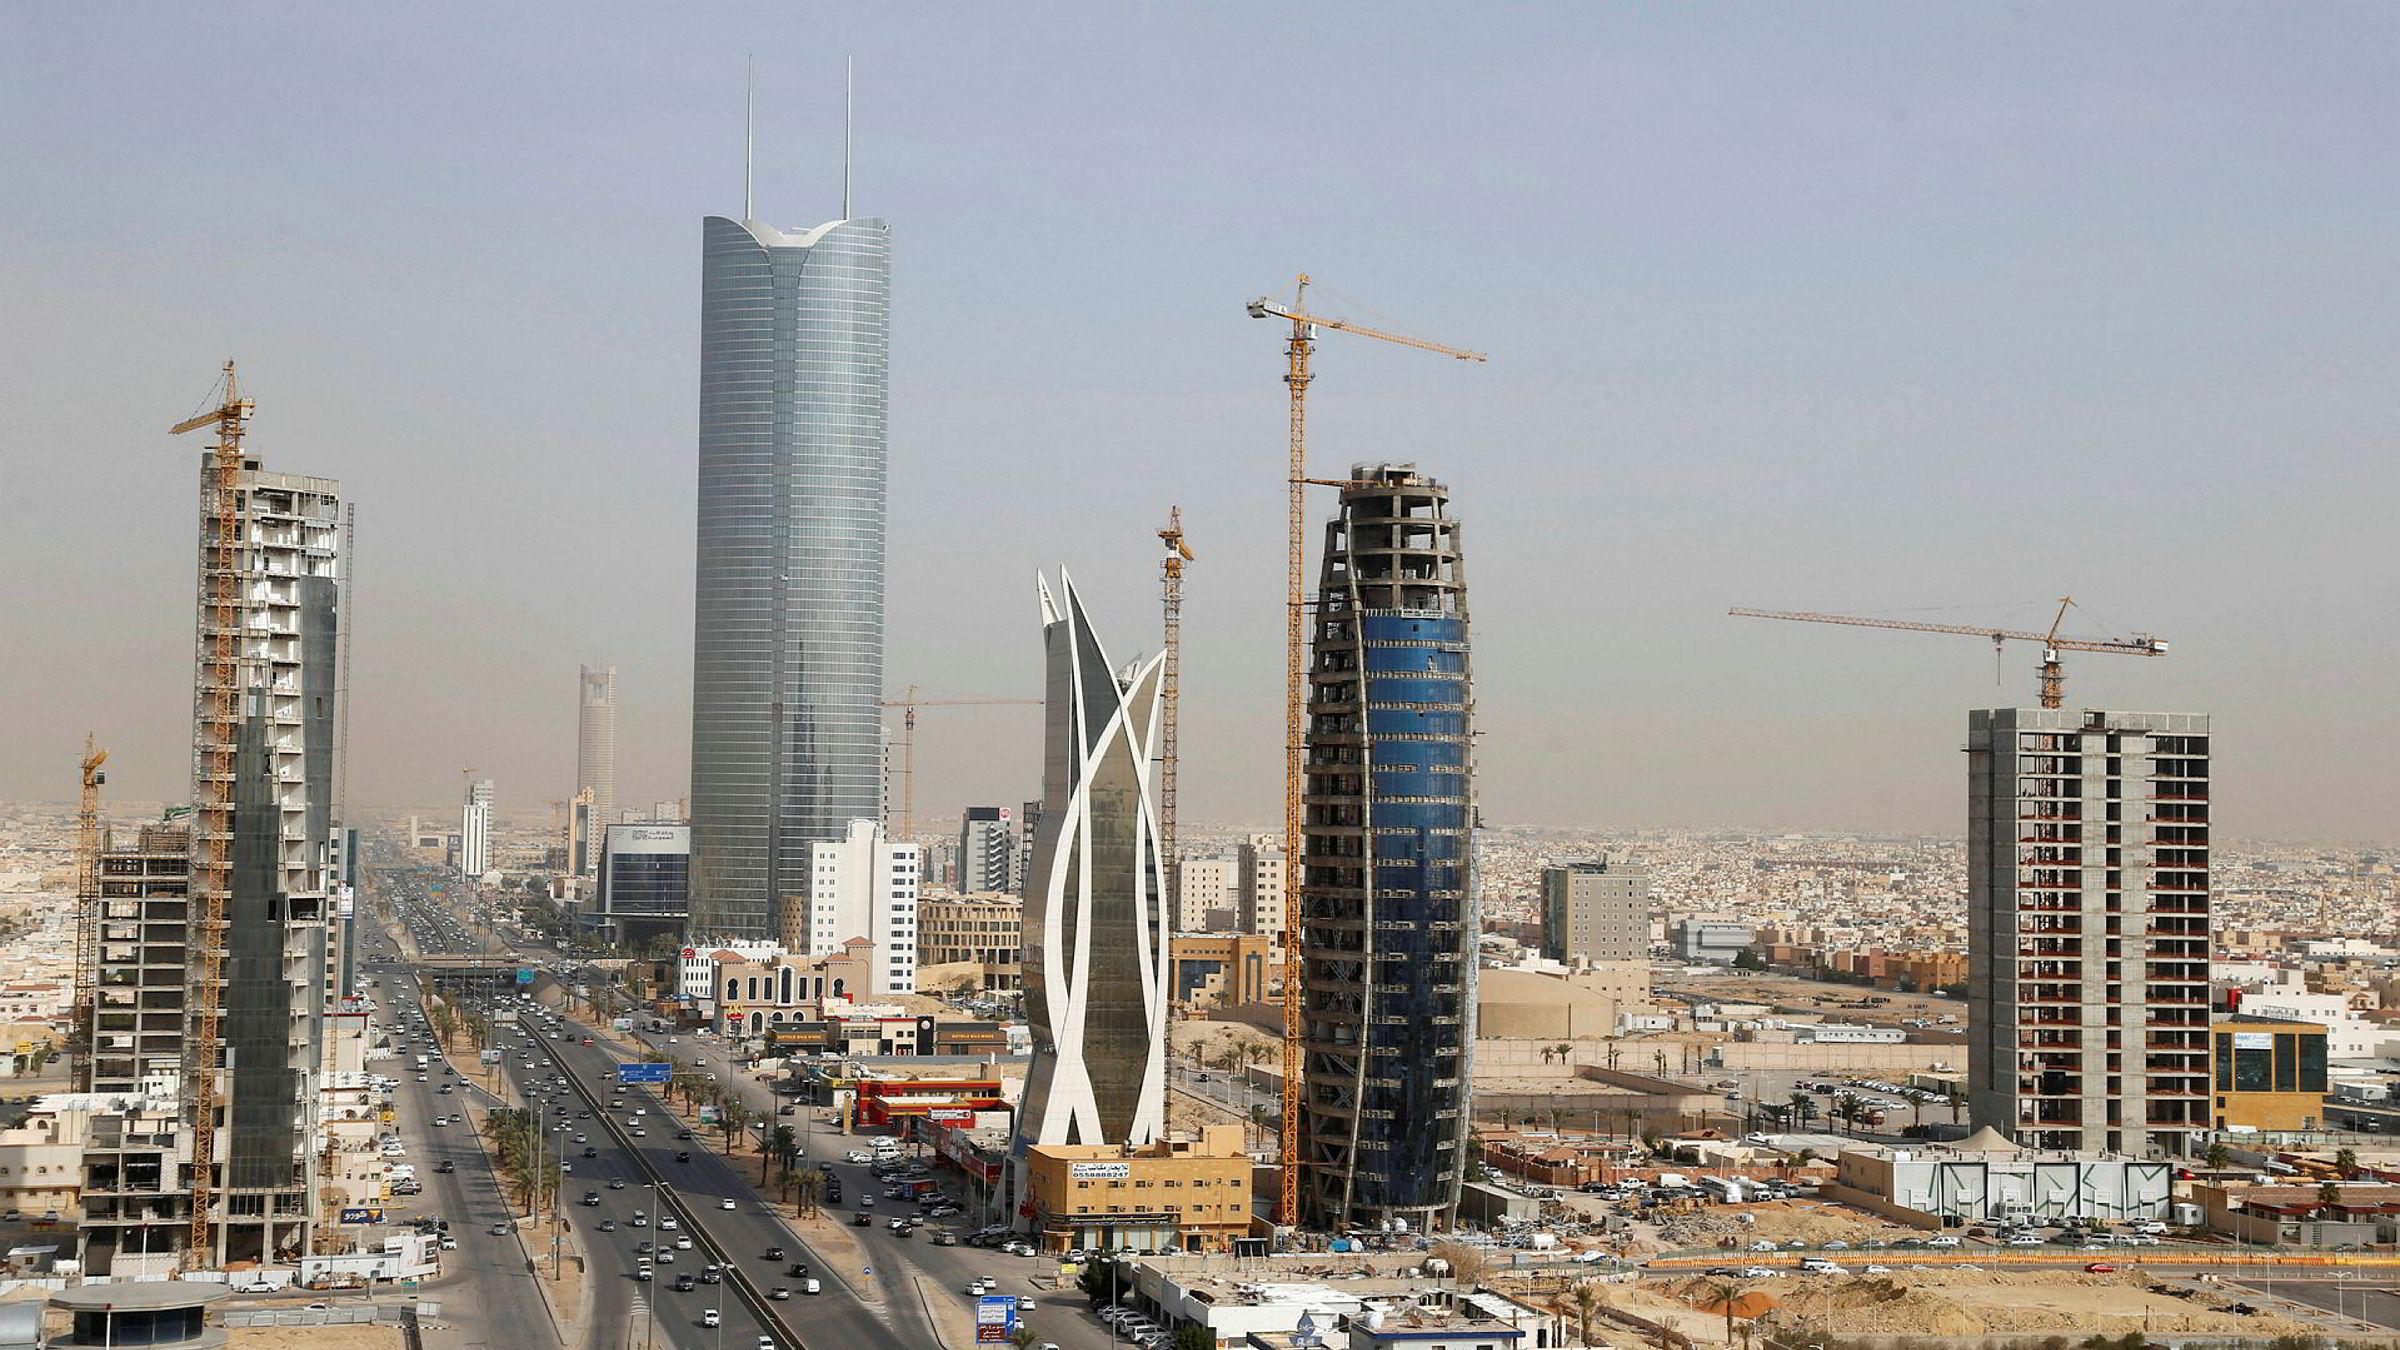 Saudi-Arabias hovedtad Riyadh ble rammet av et rakettangrep natt til mandag.